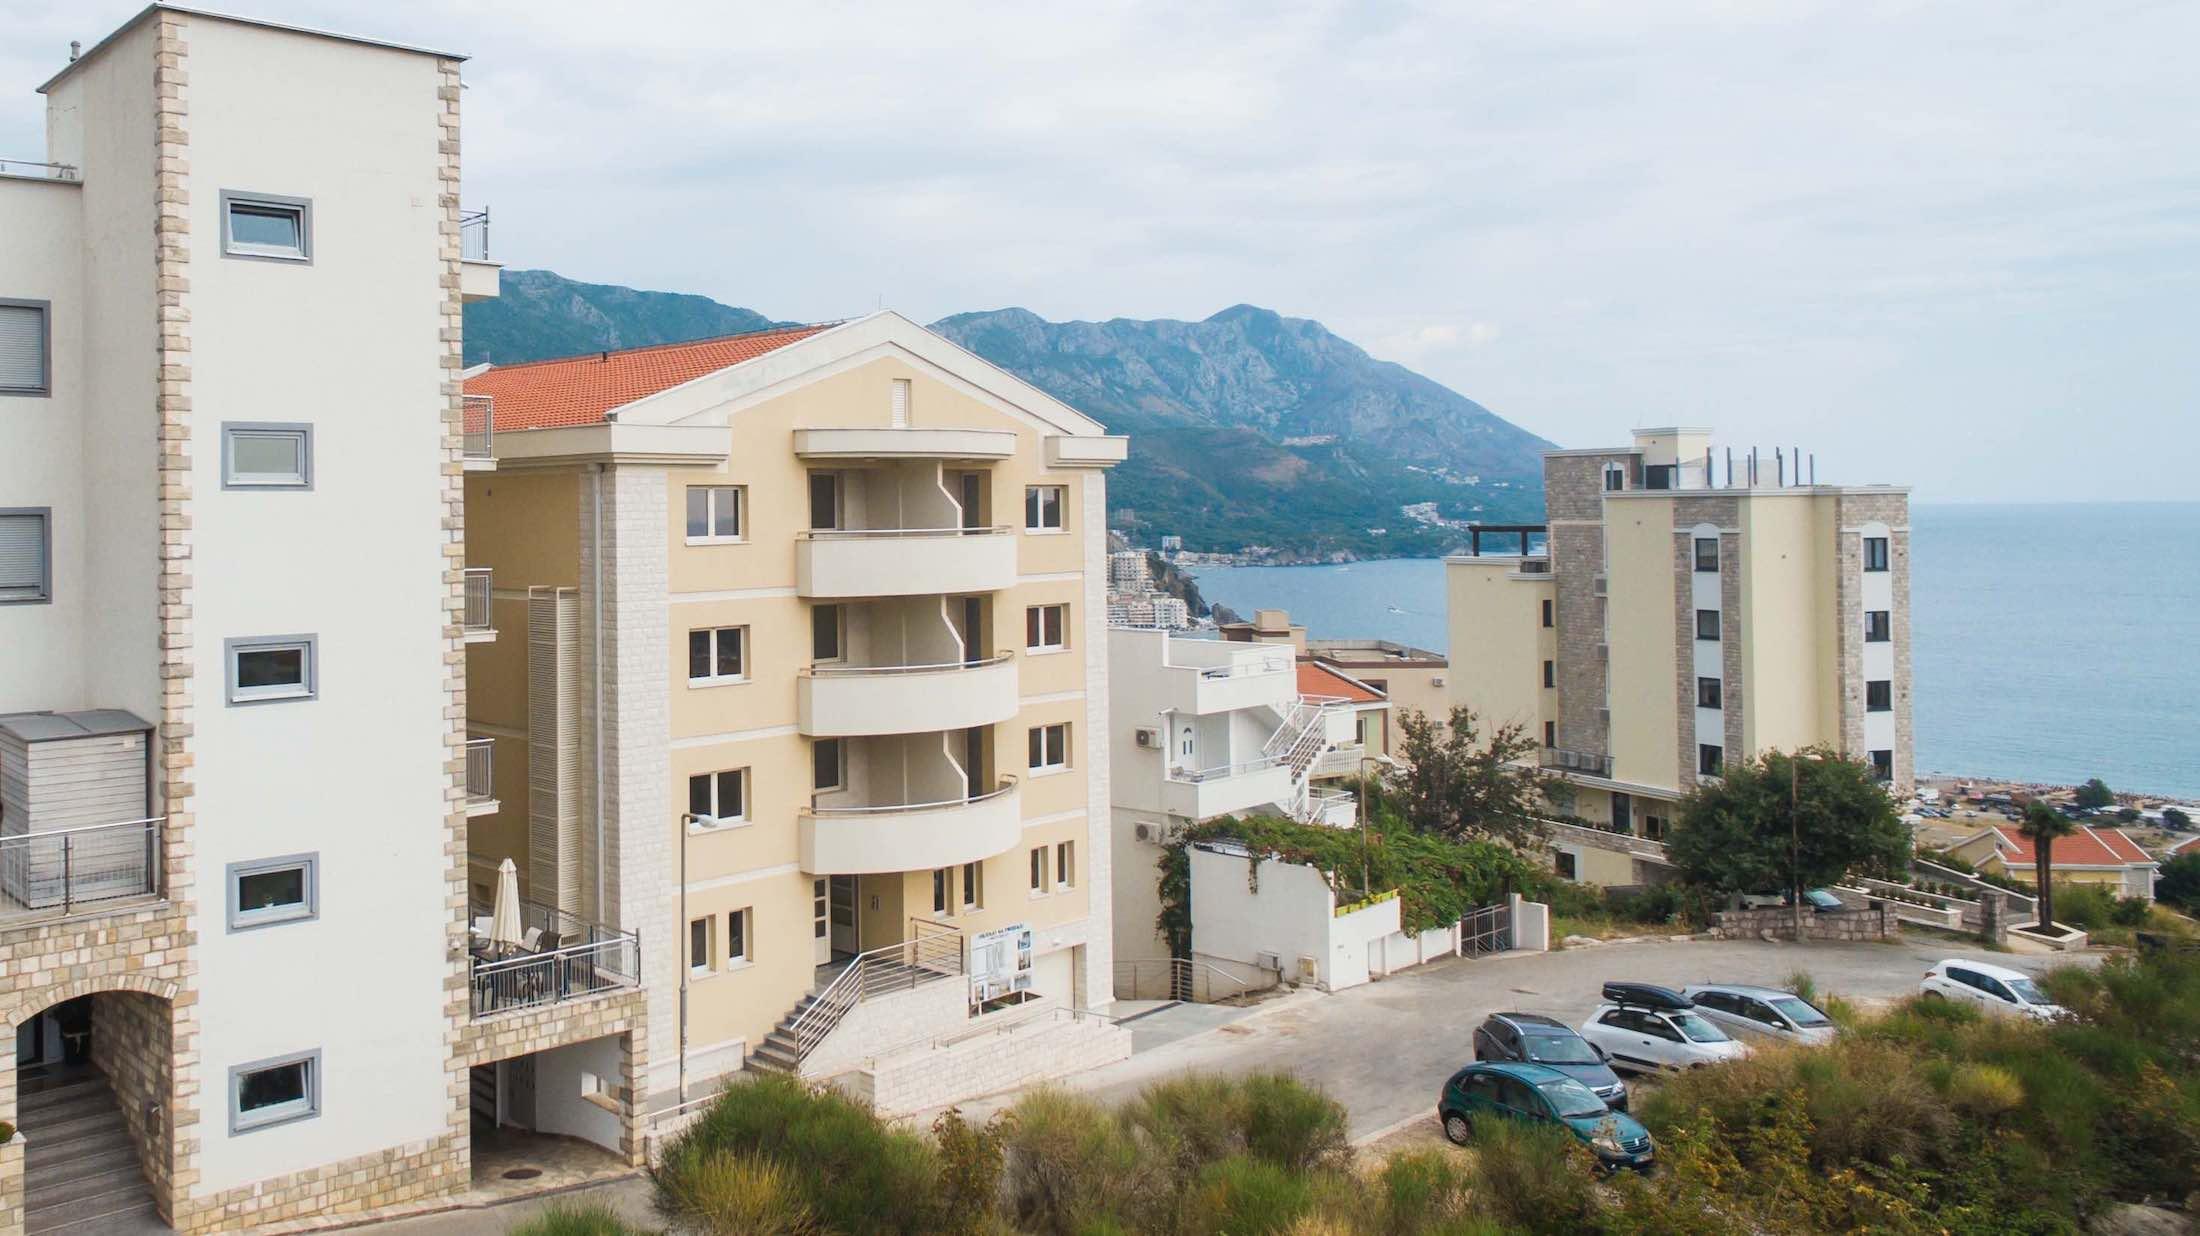 IVANOVICI ANATOLIA доходная недвижимость в черногории Бечичи Будва1.jpeg